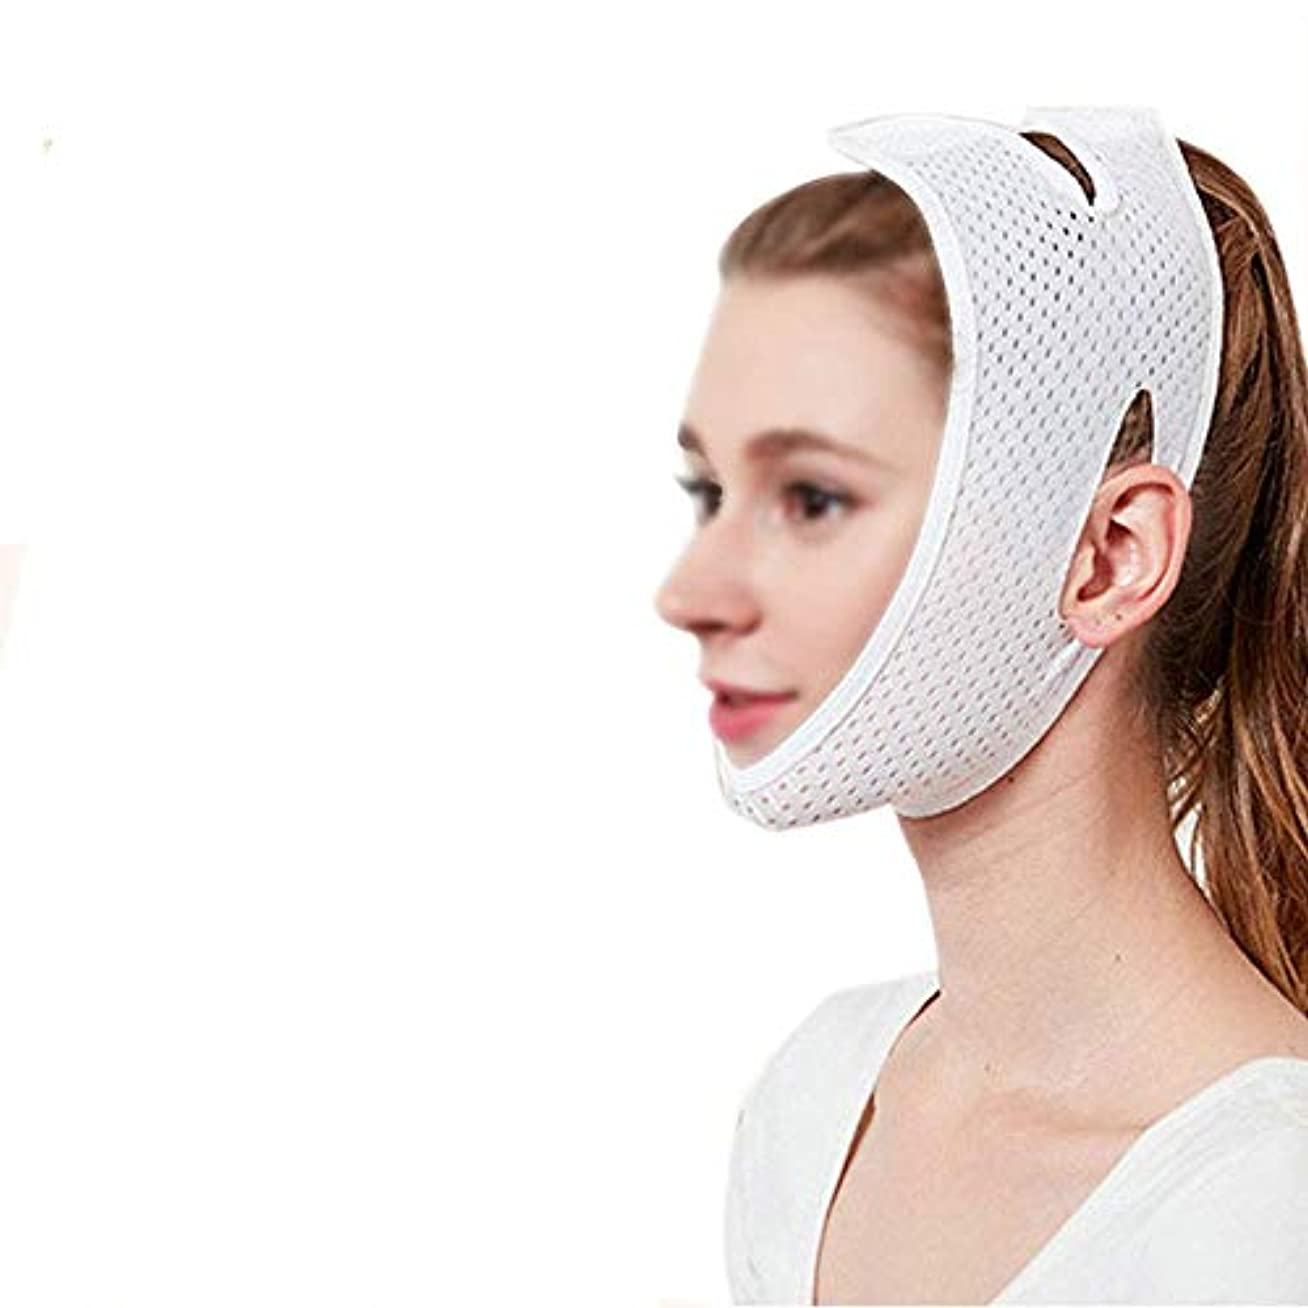 バック蓄積する肝薄型フェイスベルト、V字絆創膏ダブルマスクあご取り法用マスクリフティングファーミングスリーピングマスク(カラー:ホワイト),白